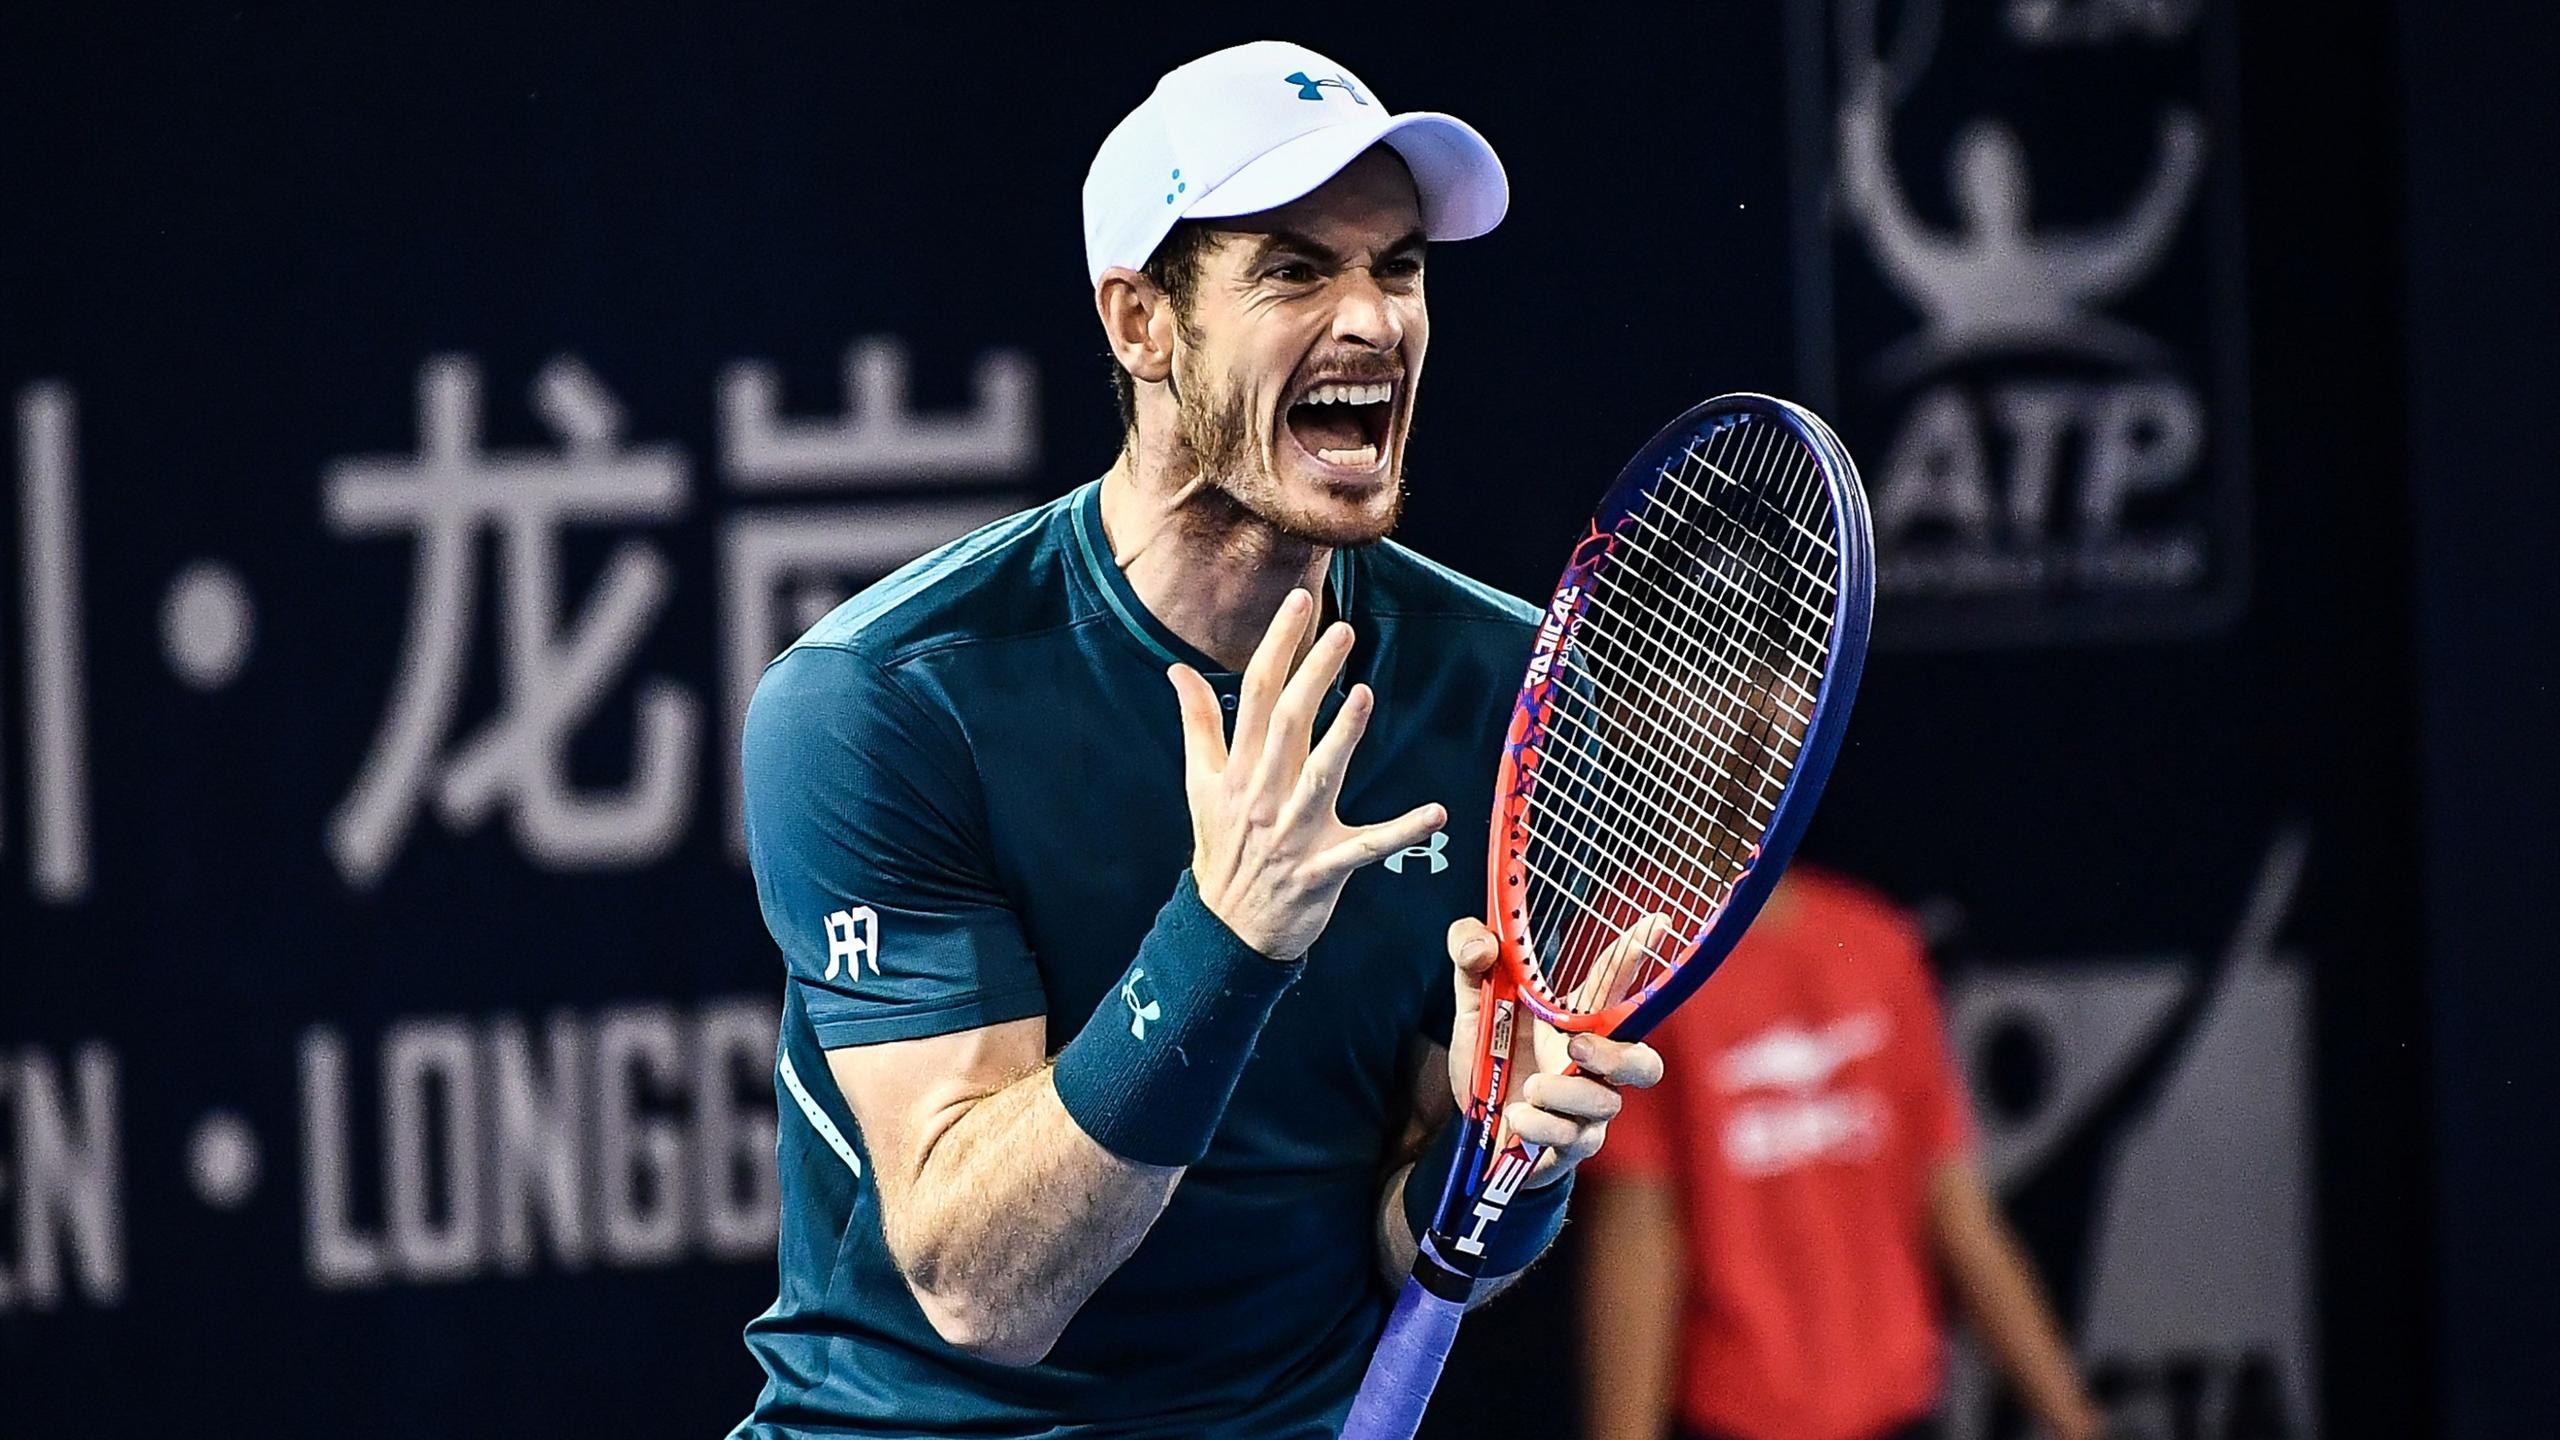 Saison À 1 Tennis Sa Un Andy Murray L'ex Mondial Met Terme N aUqWZBO